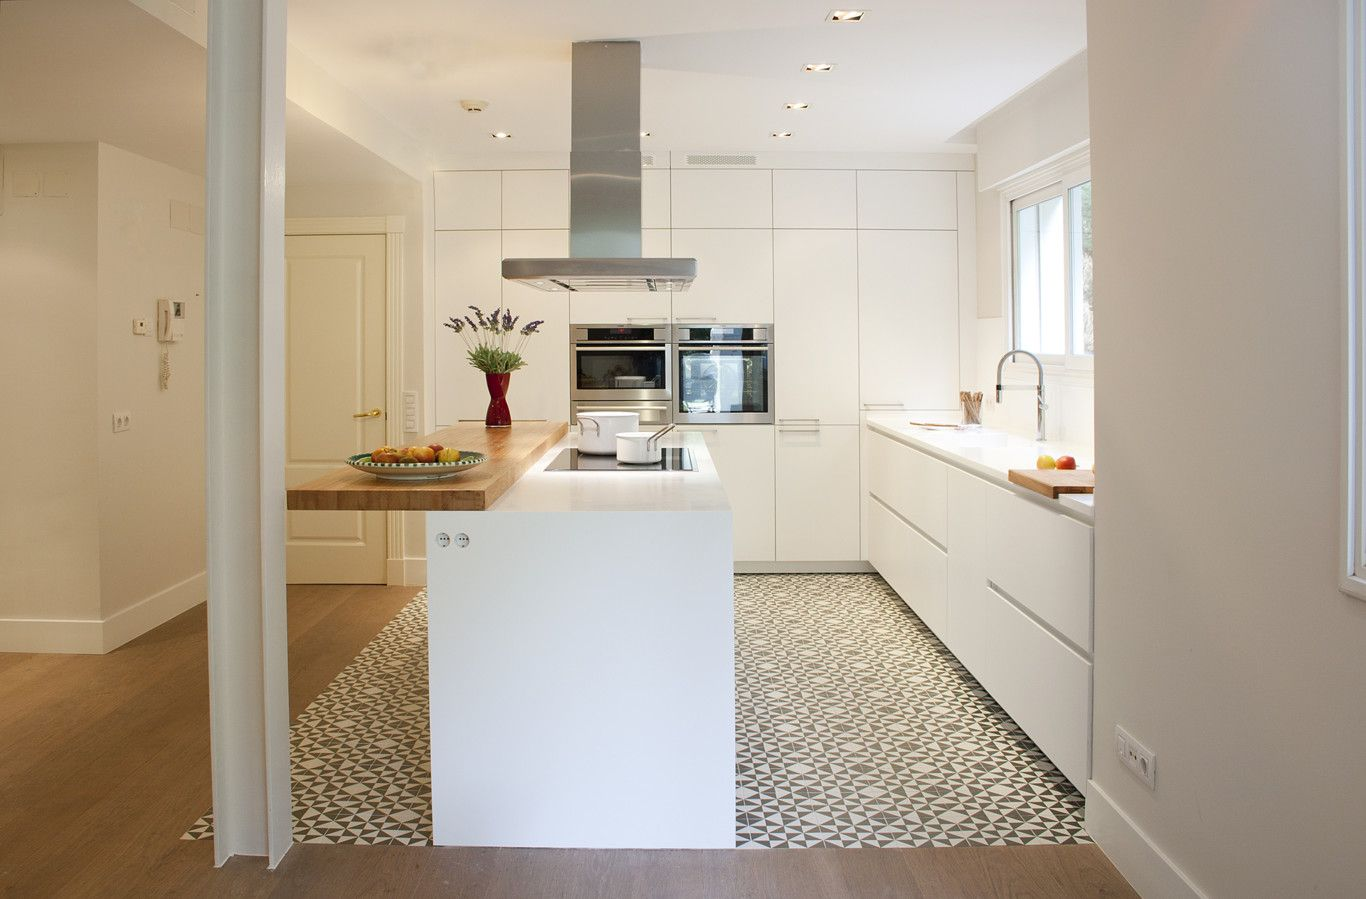 Una buena idea separar ambientes en la cocina con baldosa - Cocinas santos valencia ...